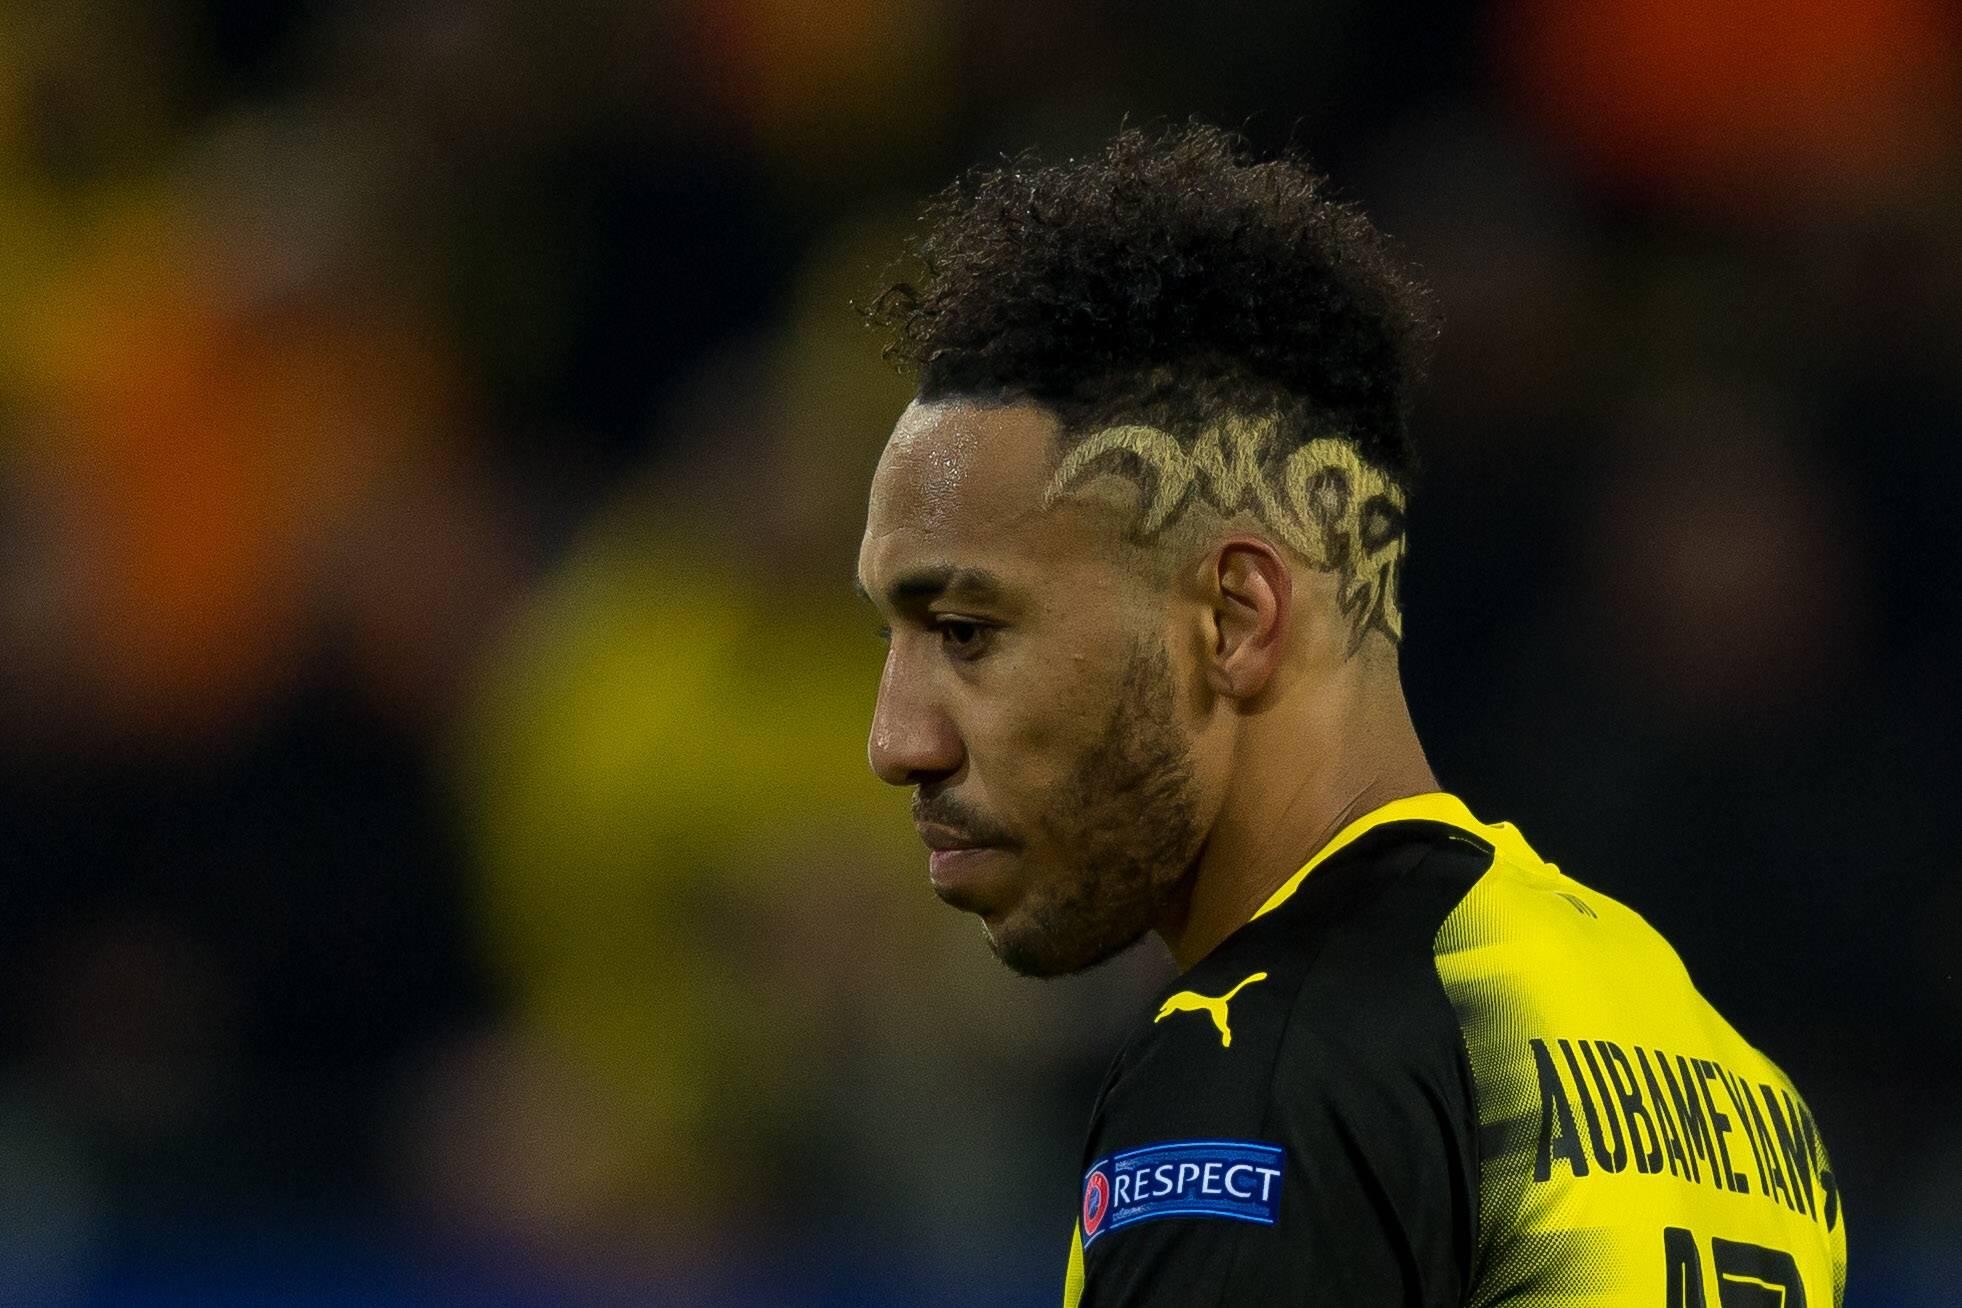 Football - Etranger - Bundesliga: Dortmund-Schlake 04 en direct